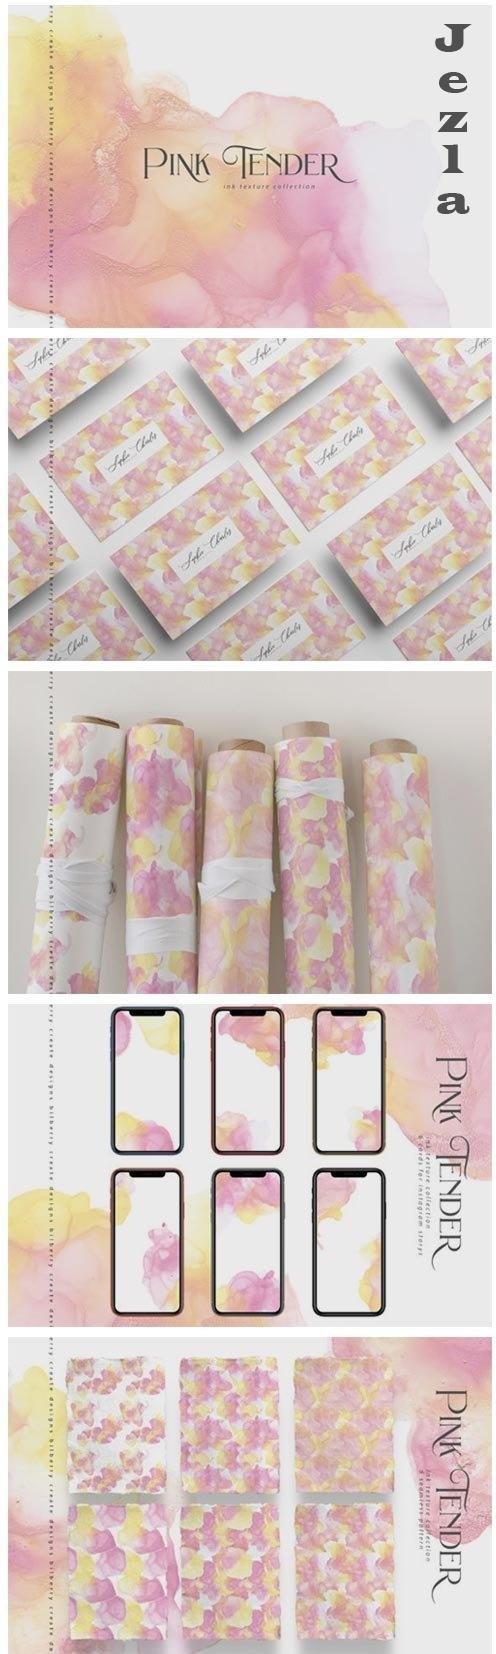 Pink Tender ink texture - 4865150